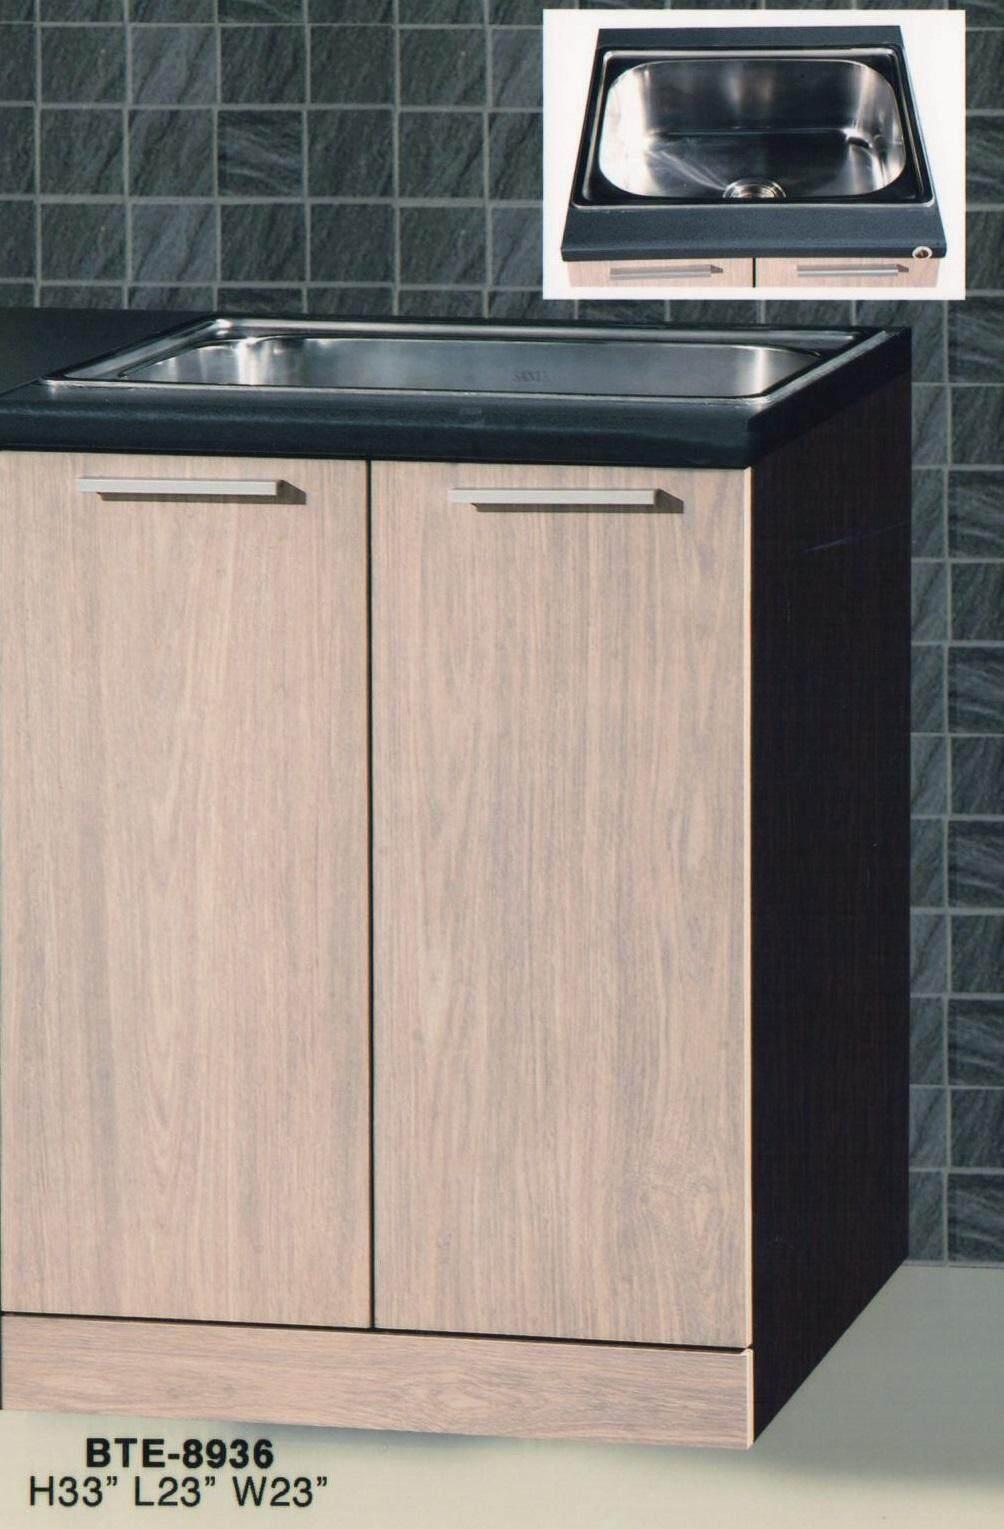 Kitchen Sink Cabinet Kitchen Cabinet With Dish Washer Sink Cabinet Sinki Rack Kitchen Storage With Mellamine Top Panel H800mm X L500mm X W500mm Lazada